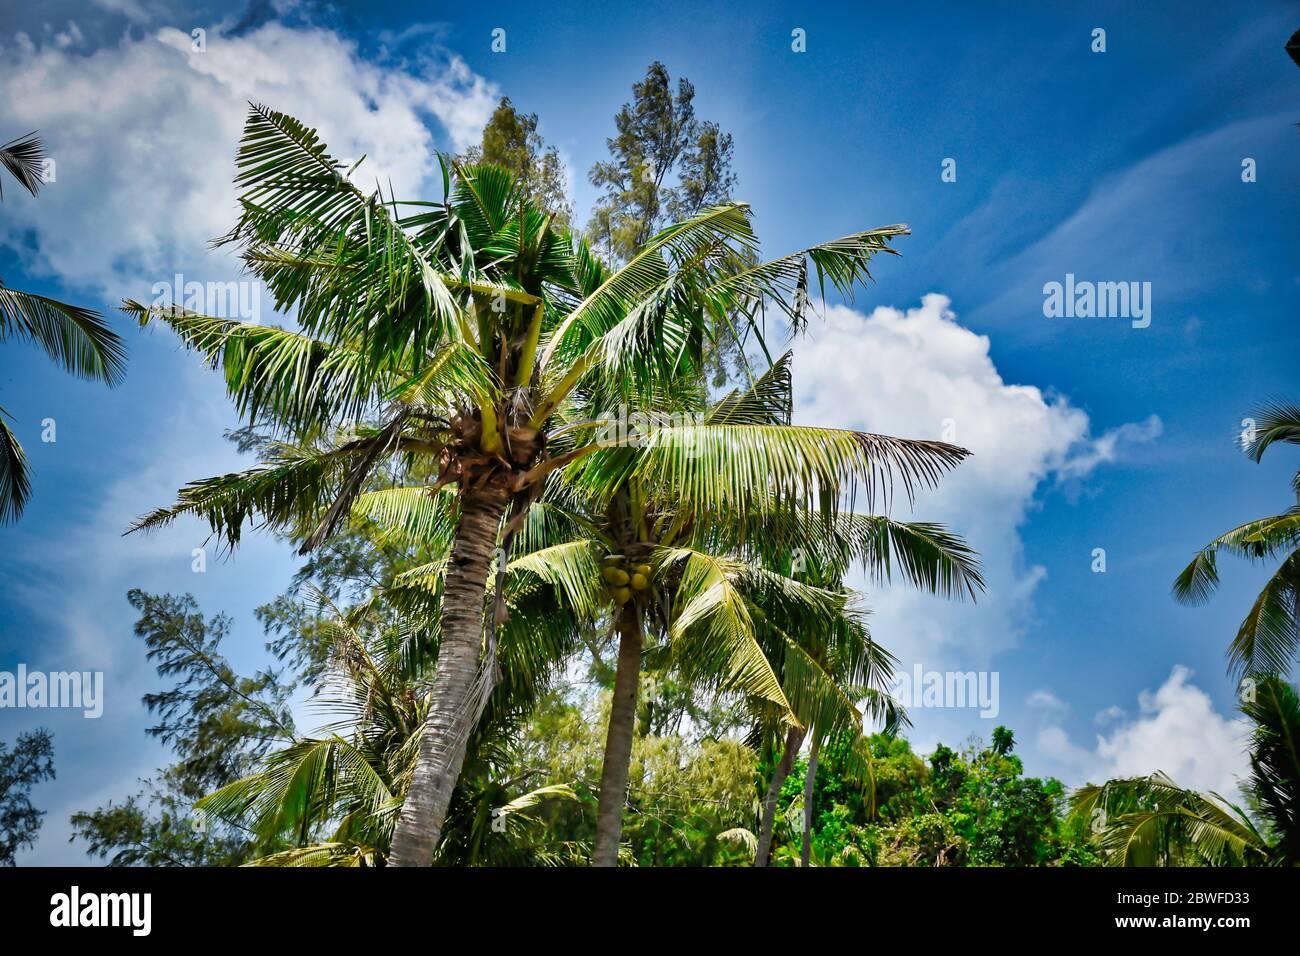 Magnifique arbre géant de noix de coco avec noix de coco sous le beau ciel bleu vif Banque D'Images